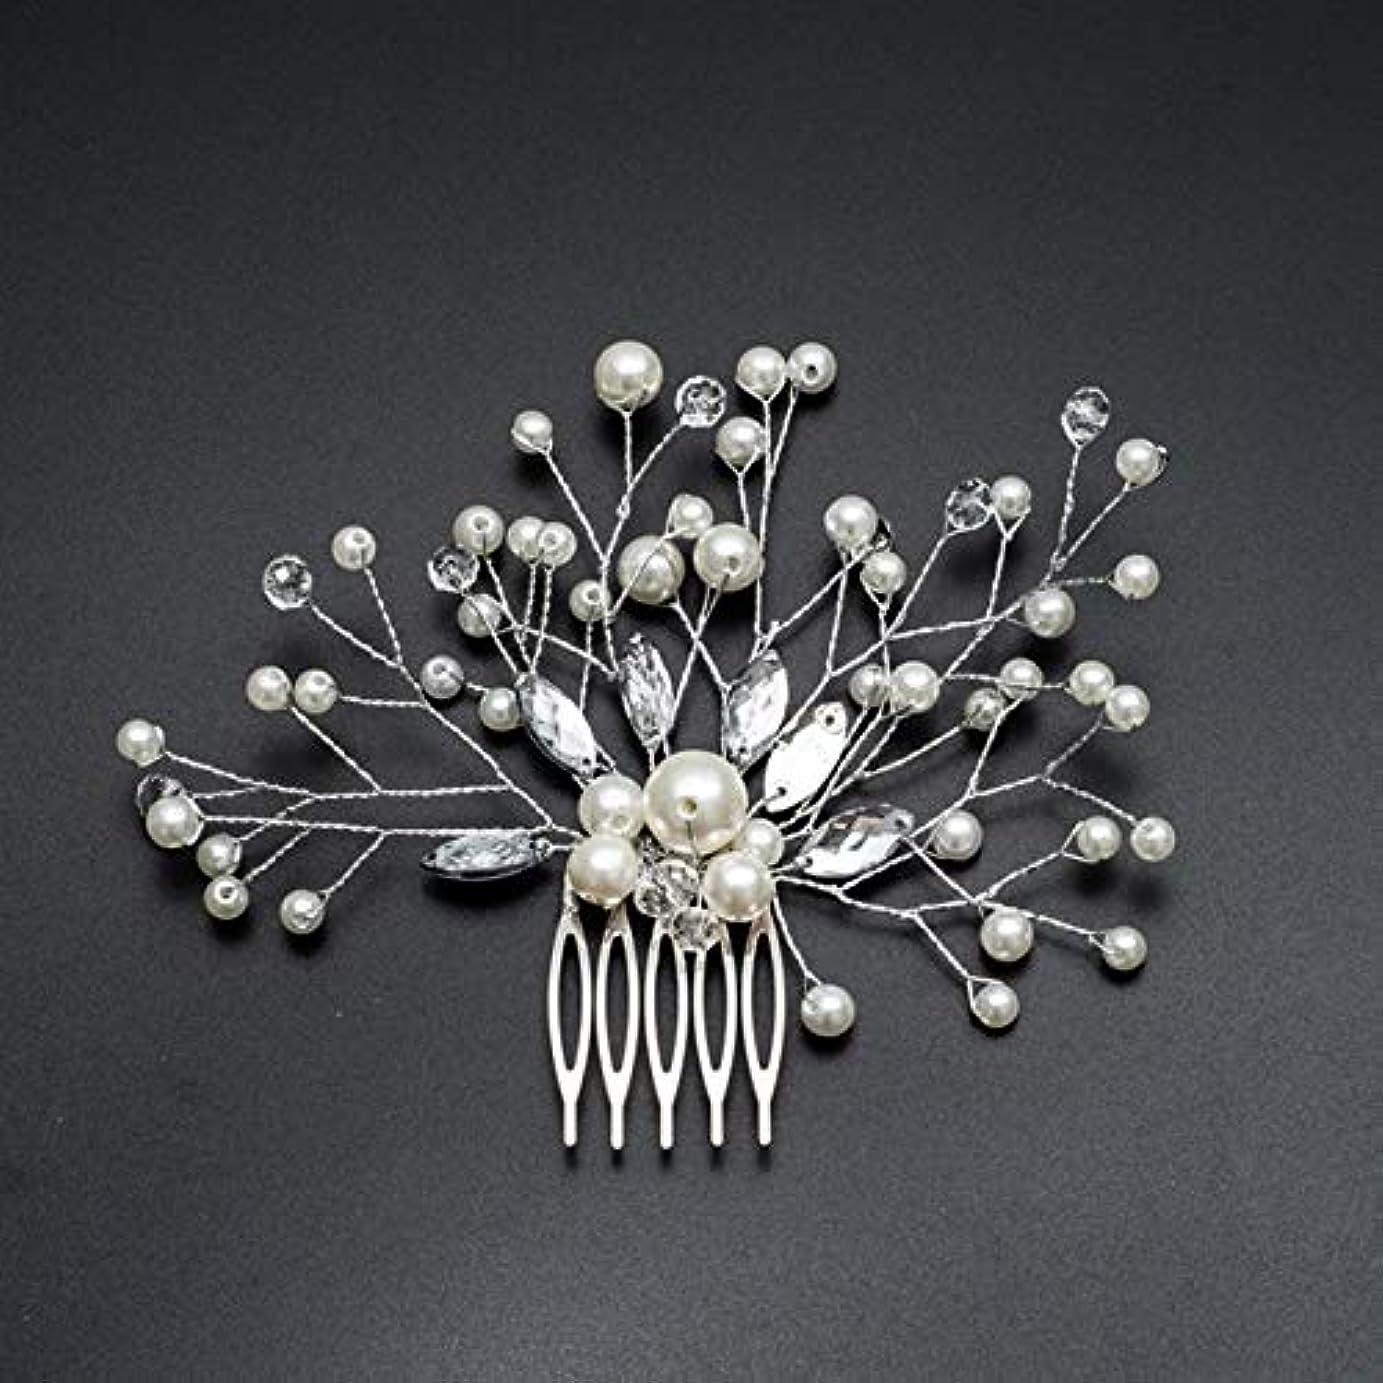 バイパスタイムリーな酸化するHairpinheair YHMパール女性のヘアコーム結婚式のヘアアクセサリーヘアピンラインストーンティアラブライダルクリップクリスタルクラウン花嫁の髪の宝石類(シルバー) (色 : Silver)